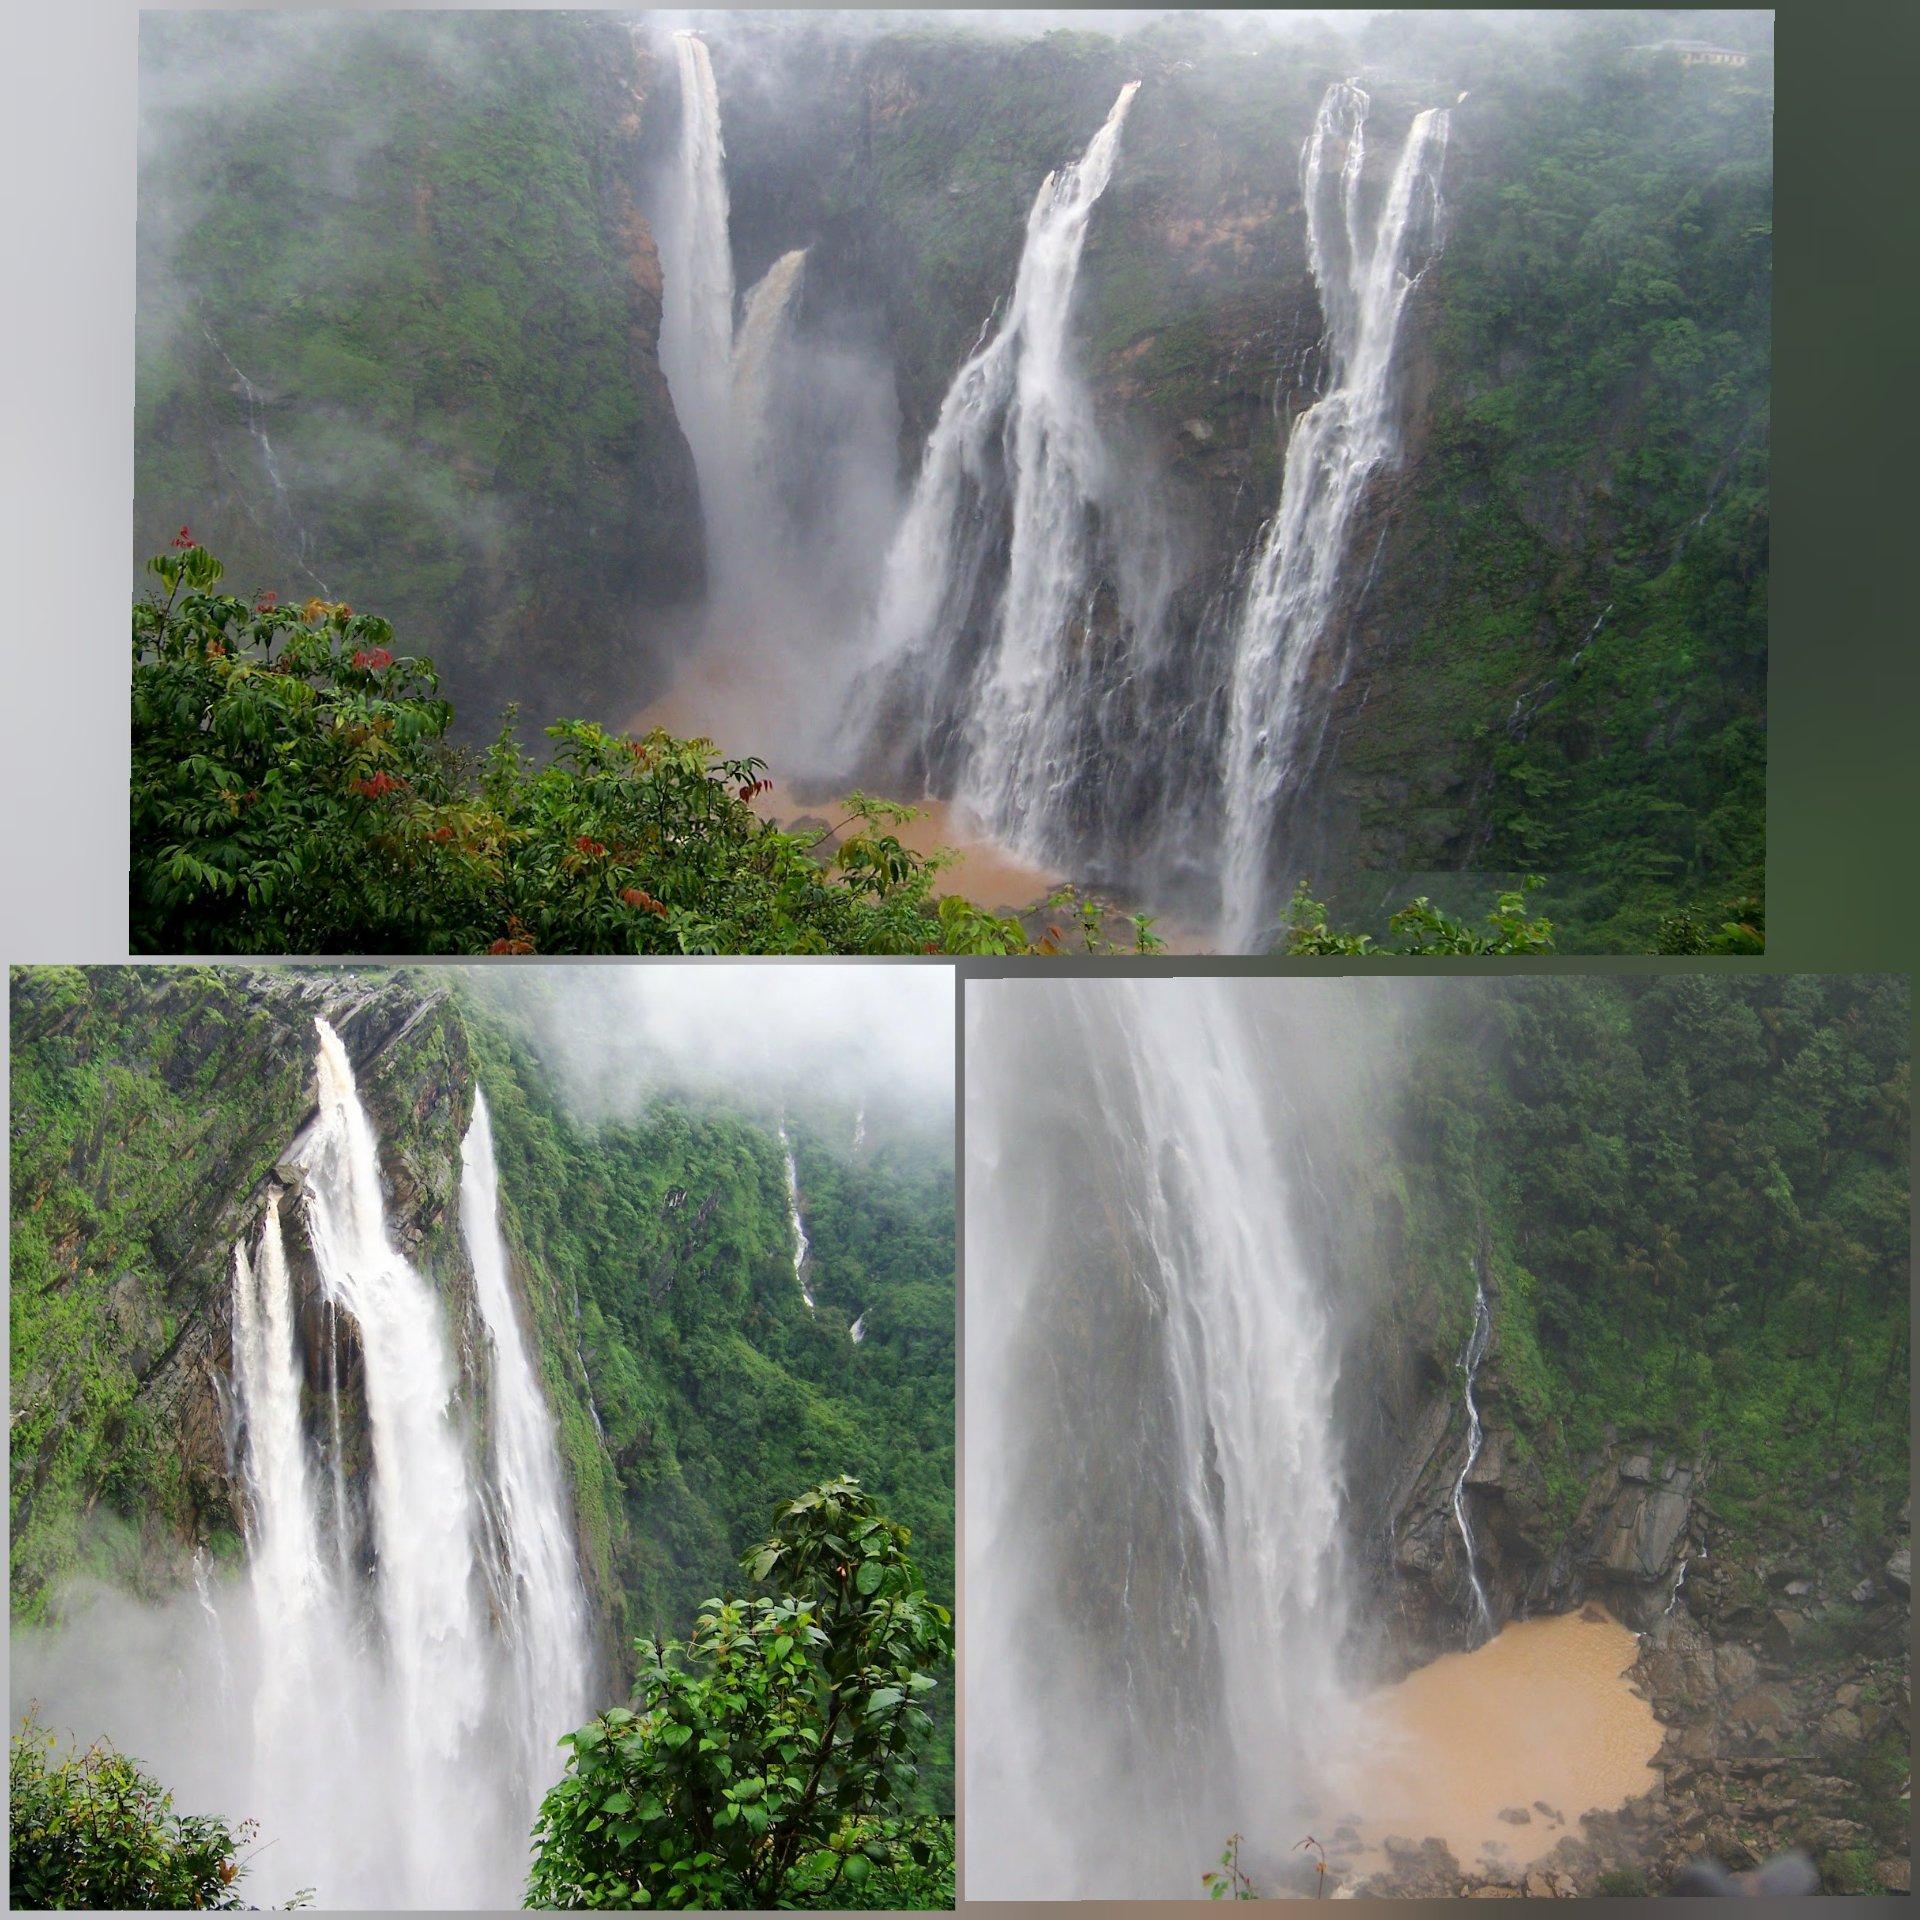 Jog falls in monsoon